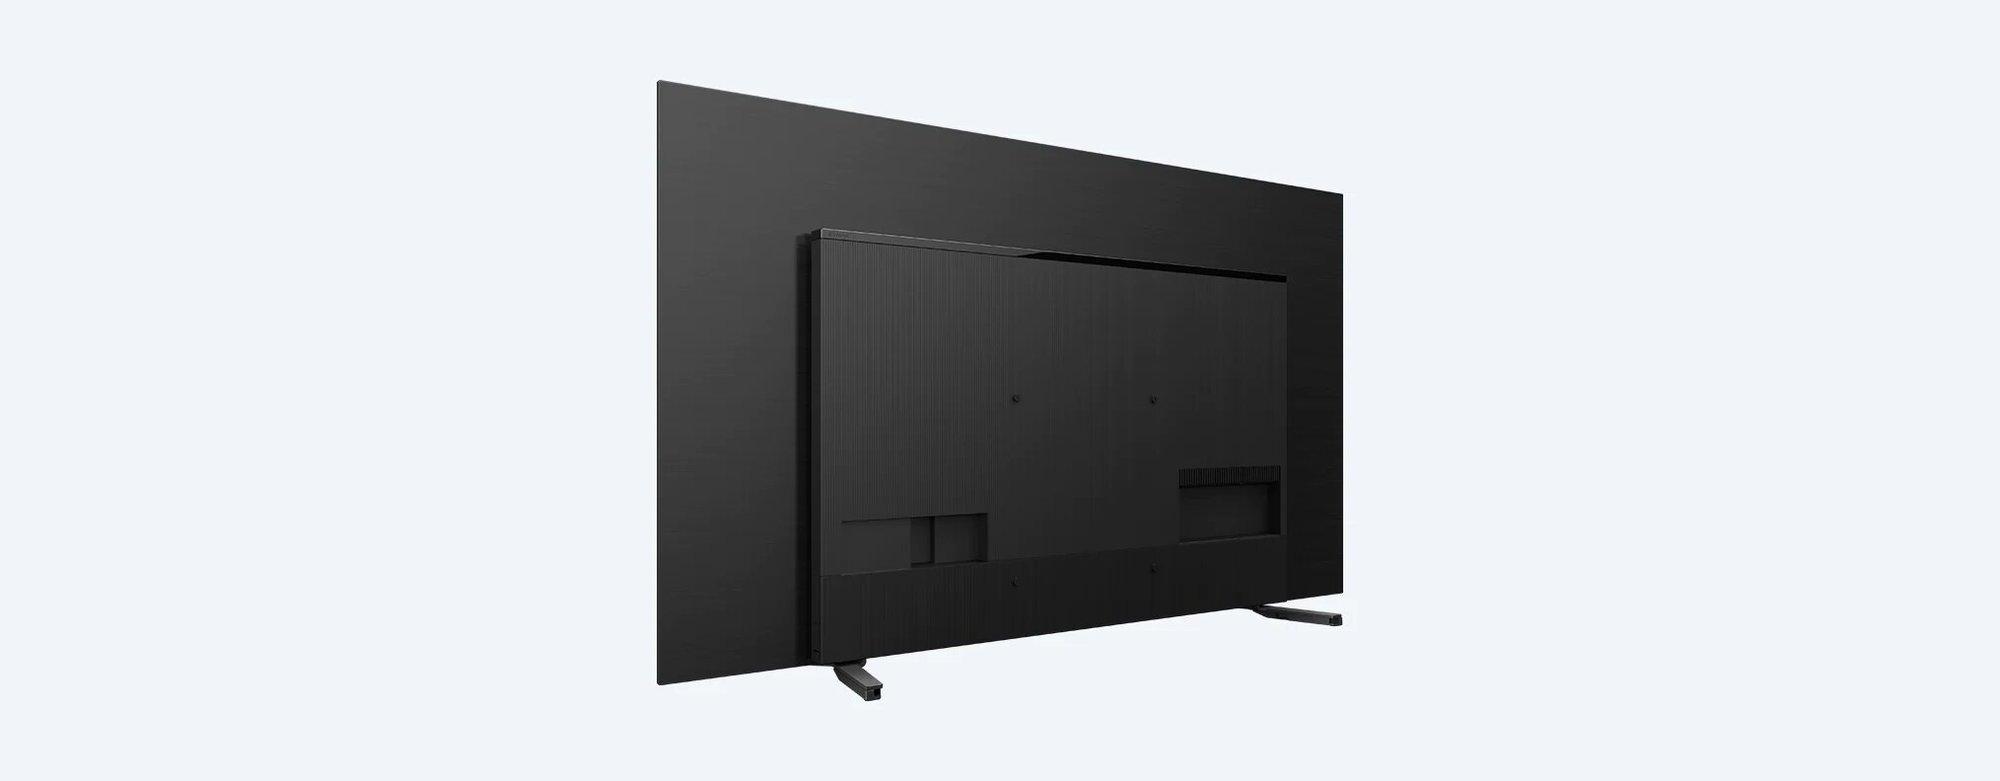 Televizor Sony KD-65A8 RU3  - 5